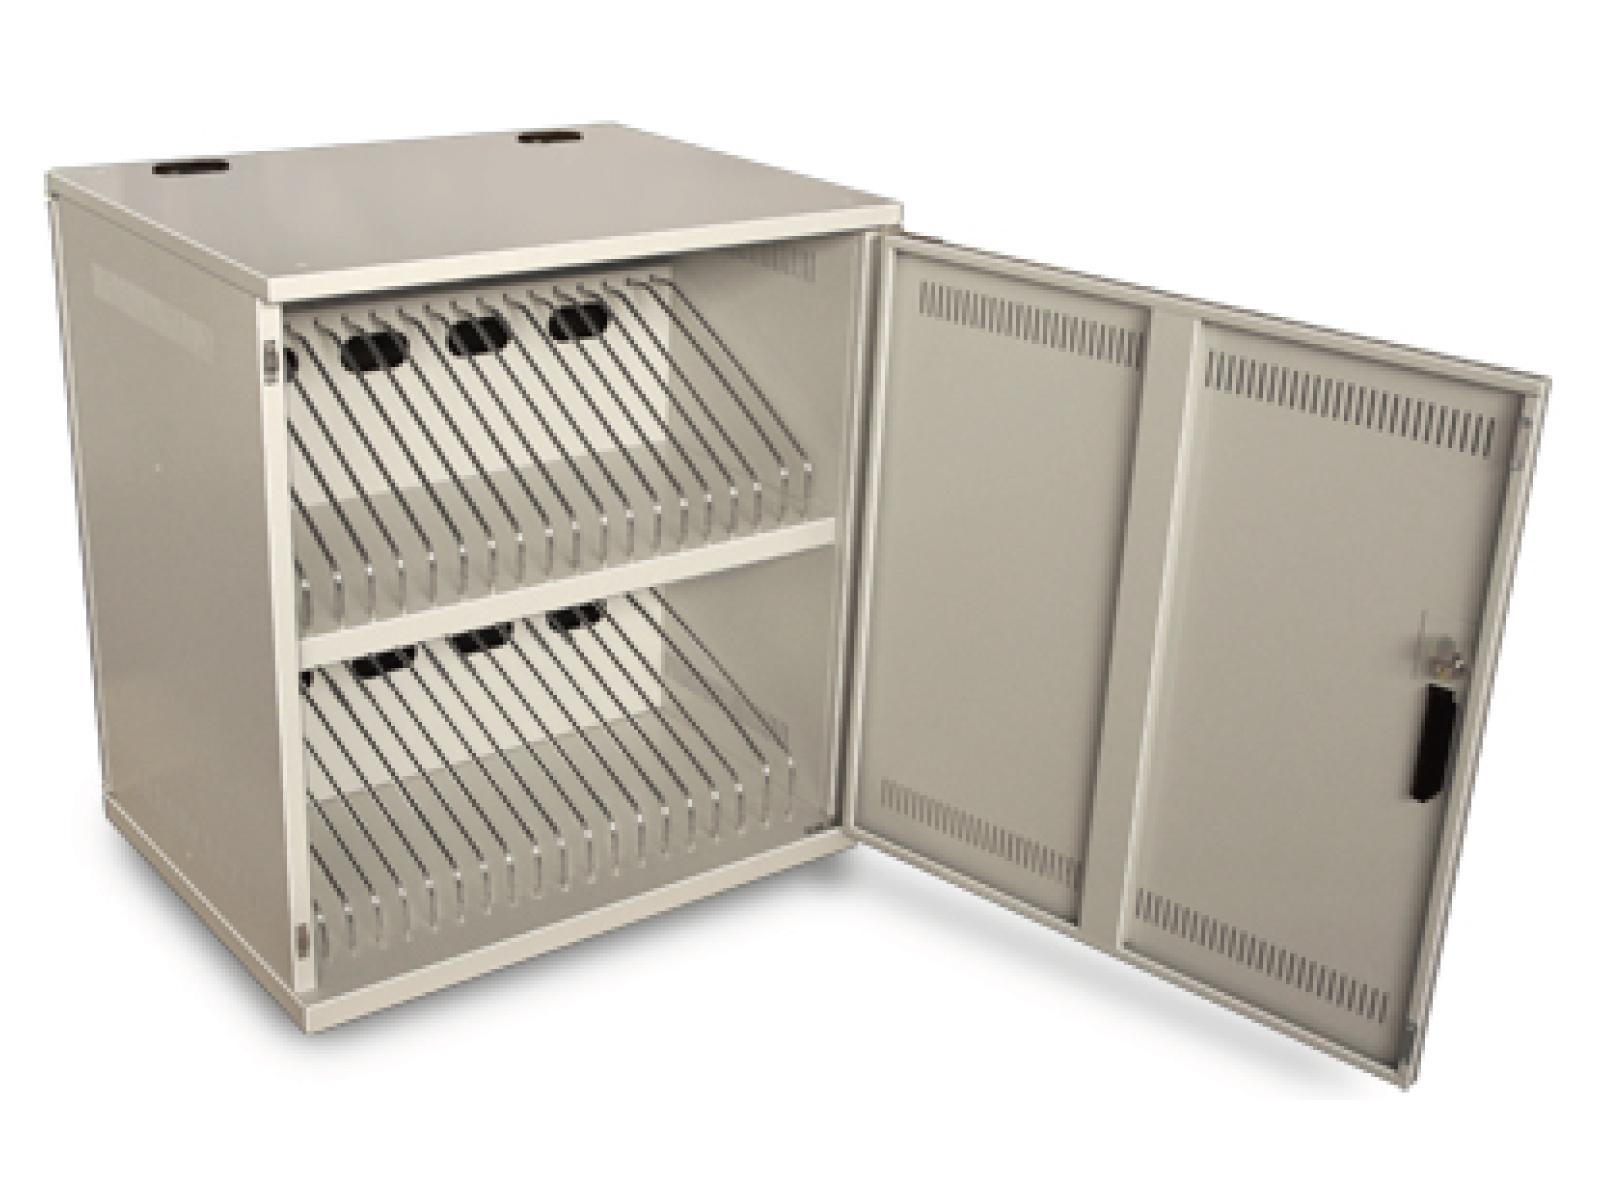 送料無料 収納庫 タブレット PC 大容量 高耐荷重 セキュリティ 移動式 セイテック タブレットPC収納庫